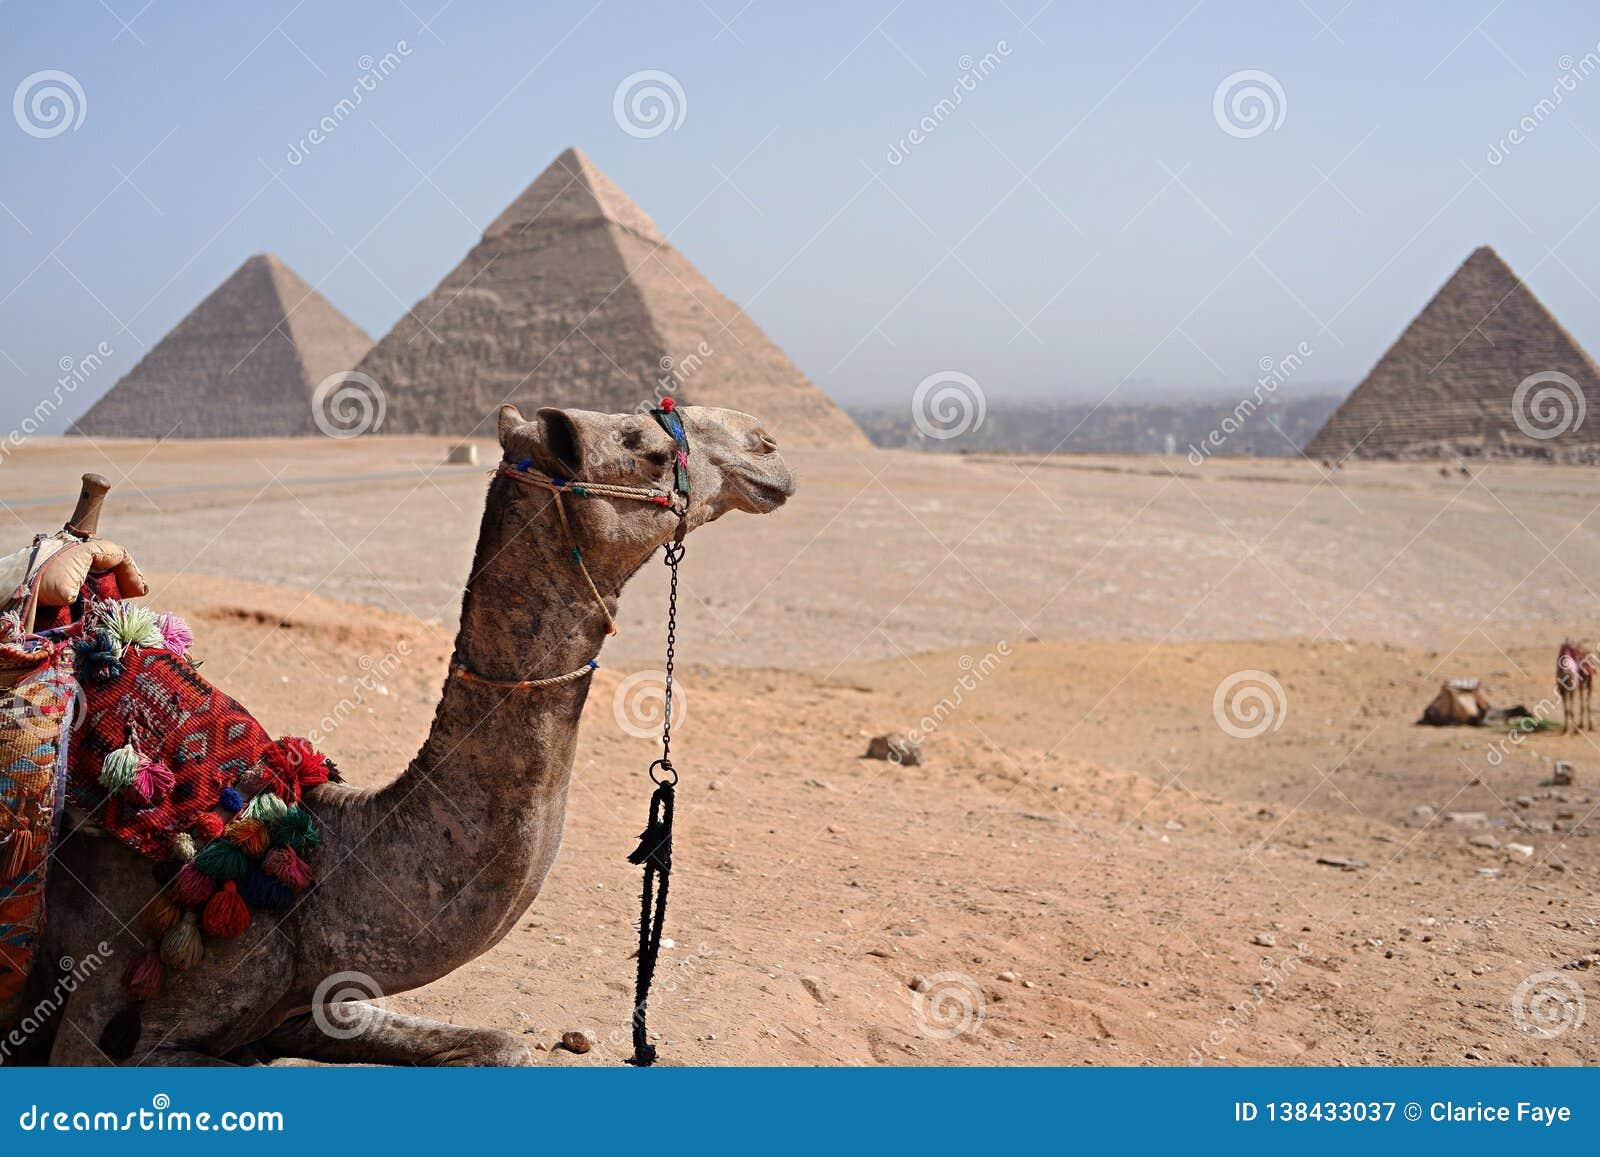 Pyramides égyptiennes avec un chameau sur le fond